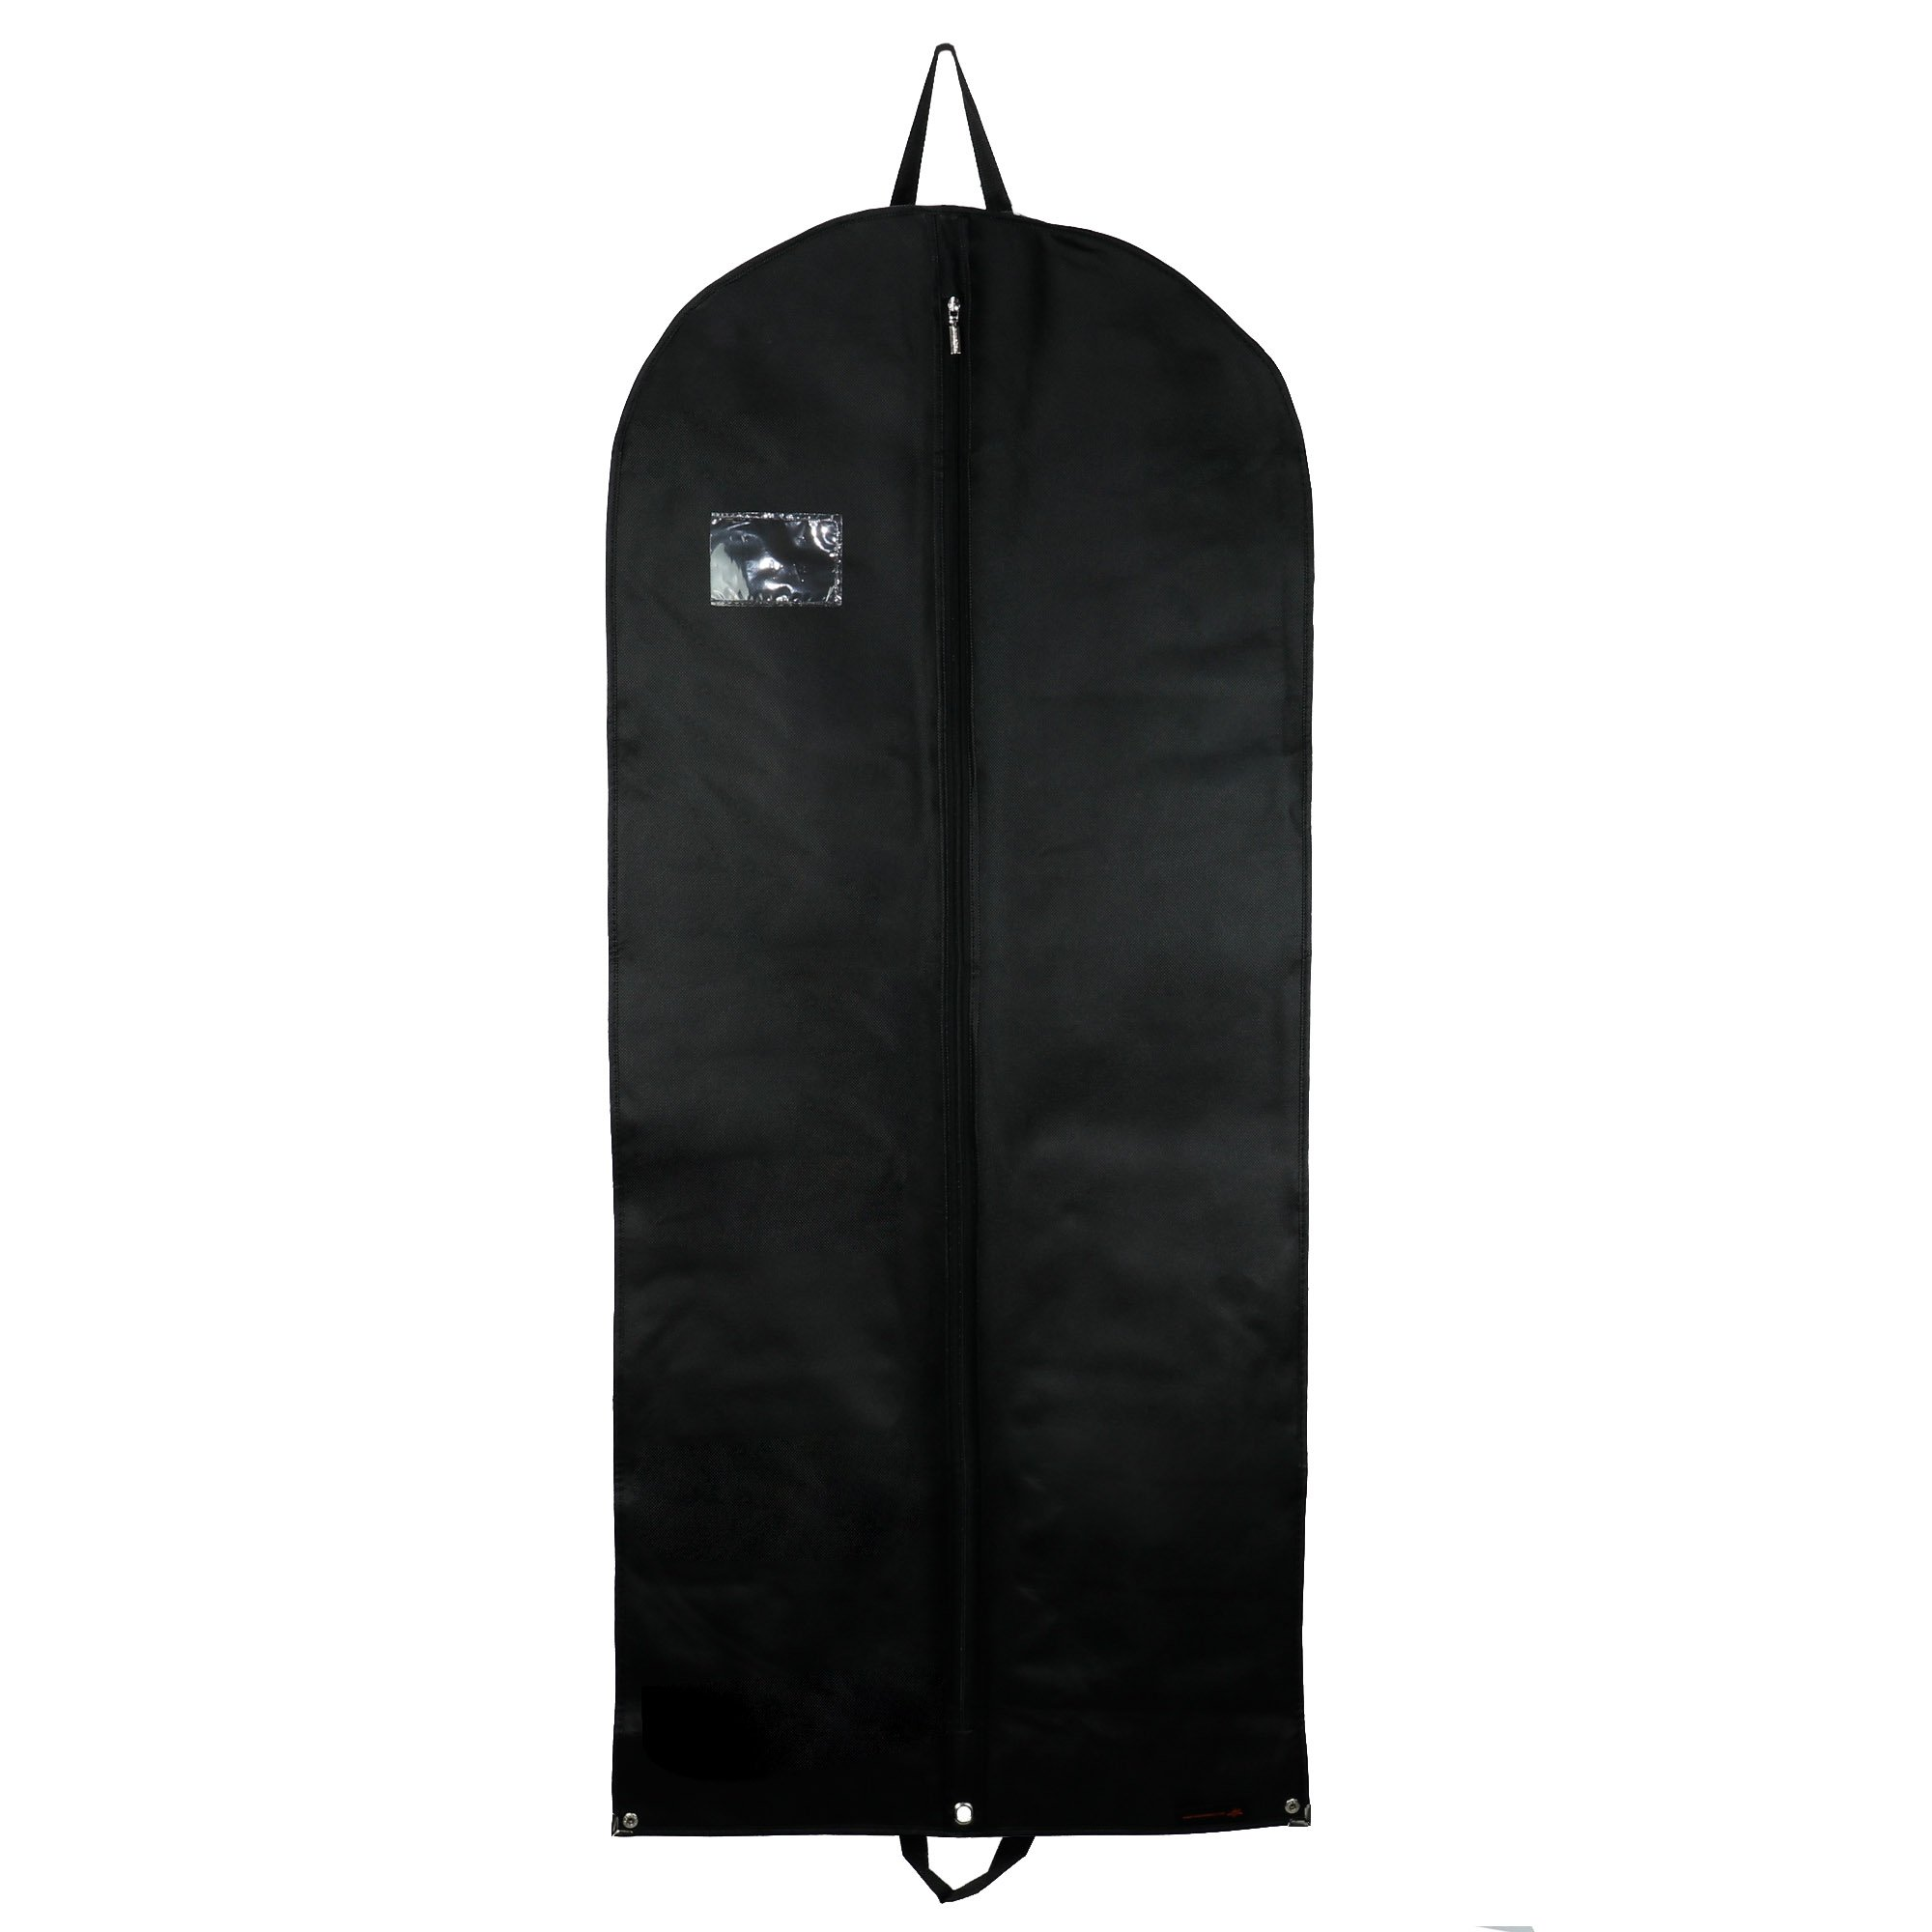 Hangerworld Porta Traje de Viaje 137cm Transpirable Negro Anti-Polvo Cierre con Cremallera y Clips